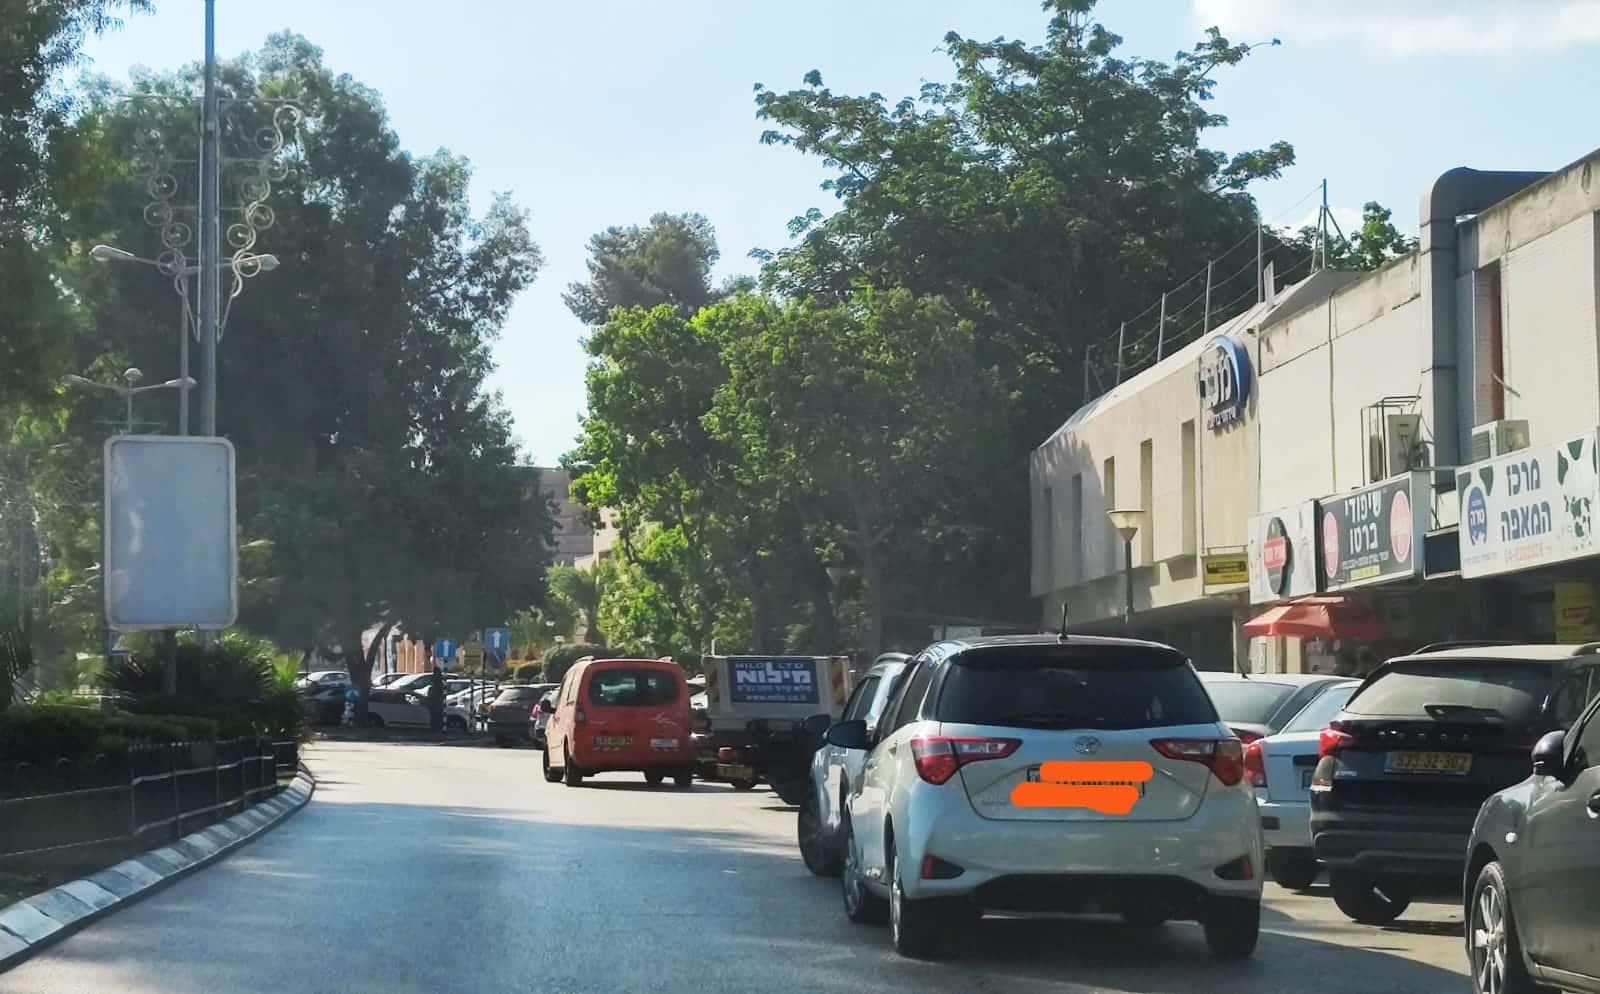 בעיות חנייה בדרך השלום נשר, חדשות NWS